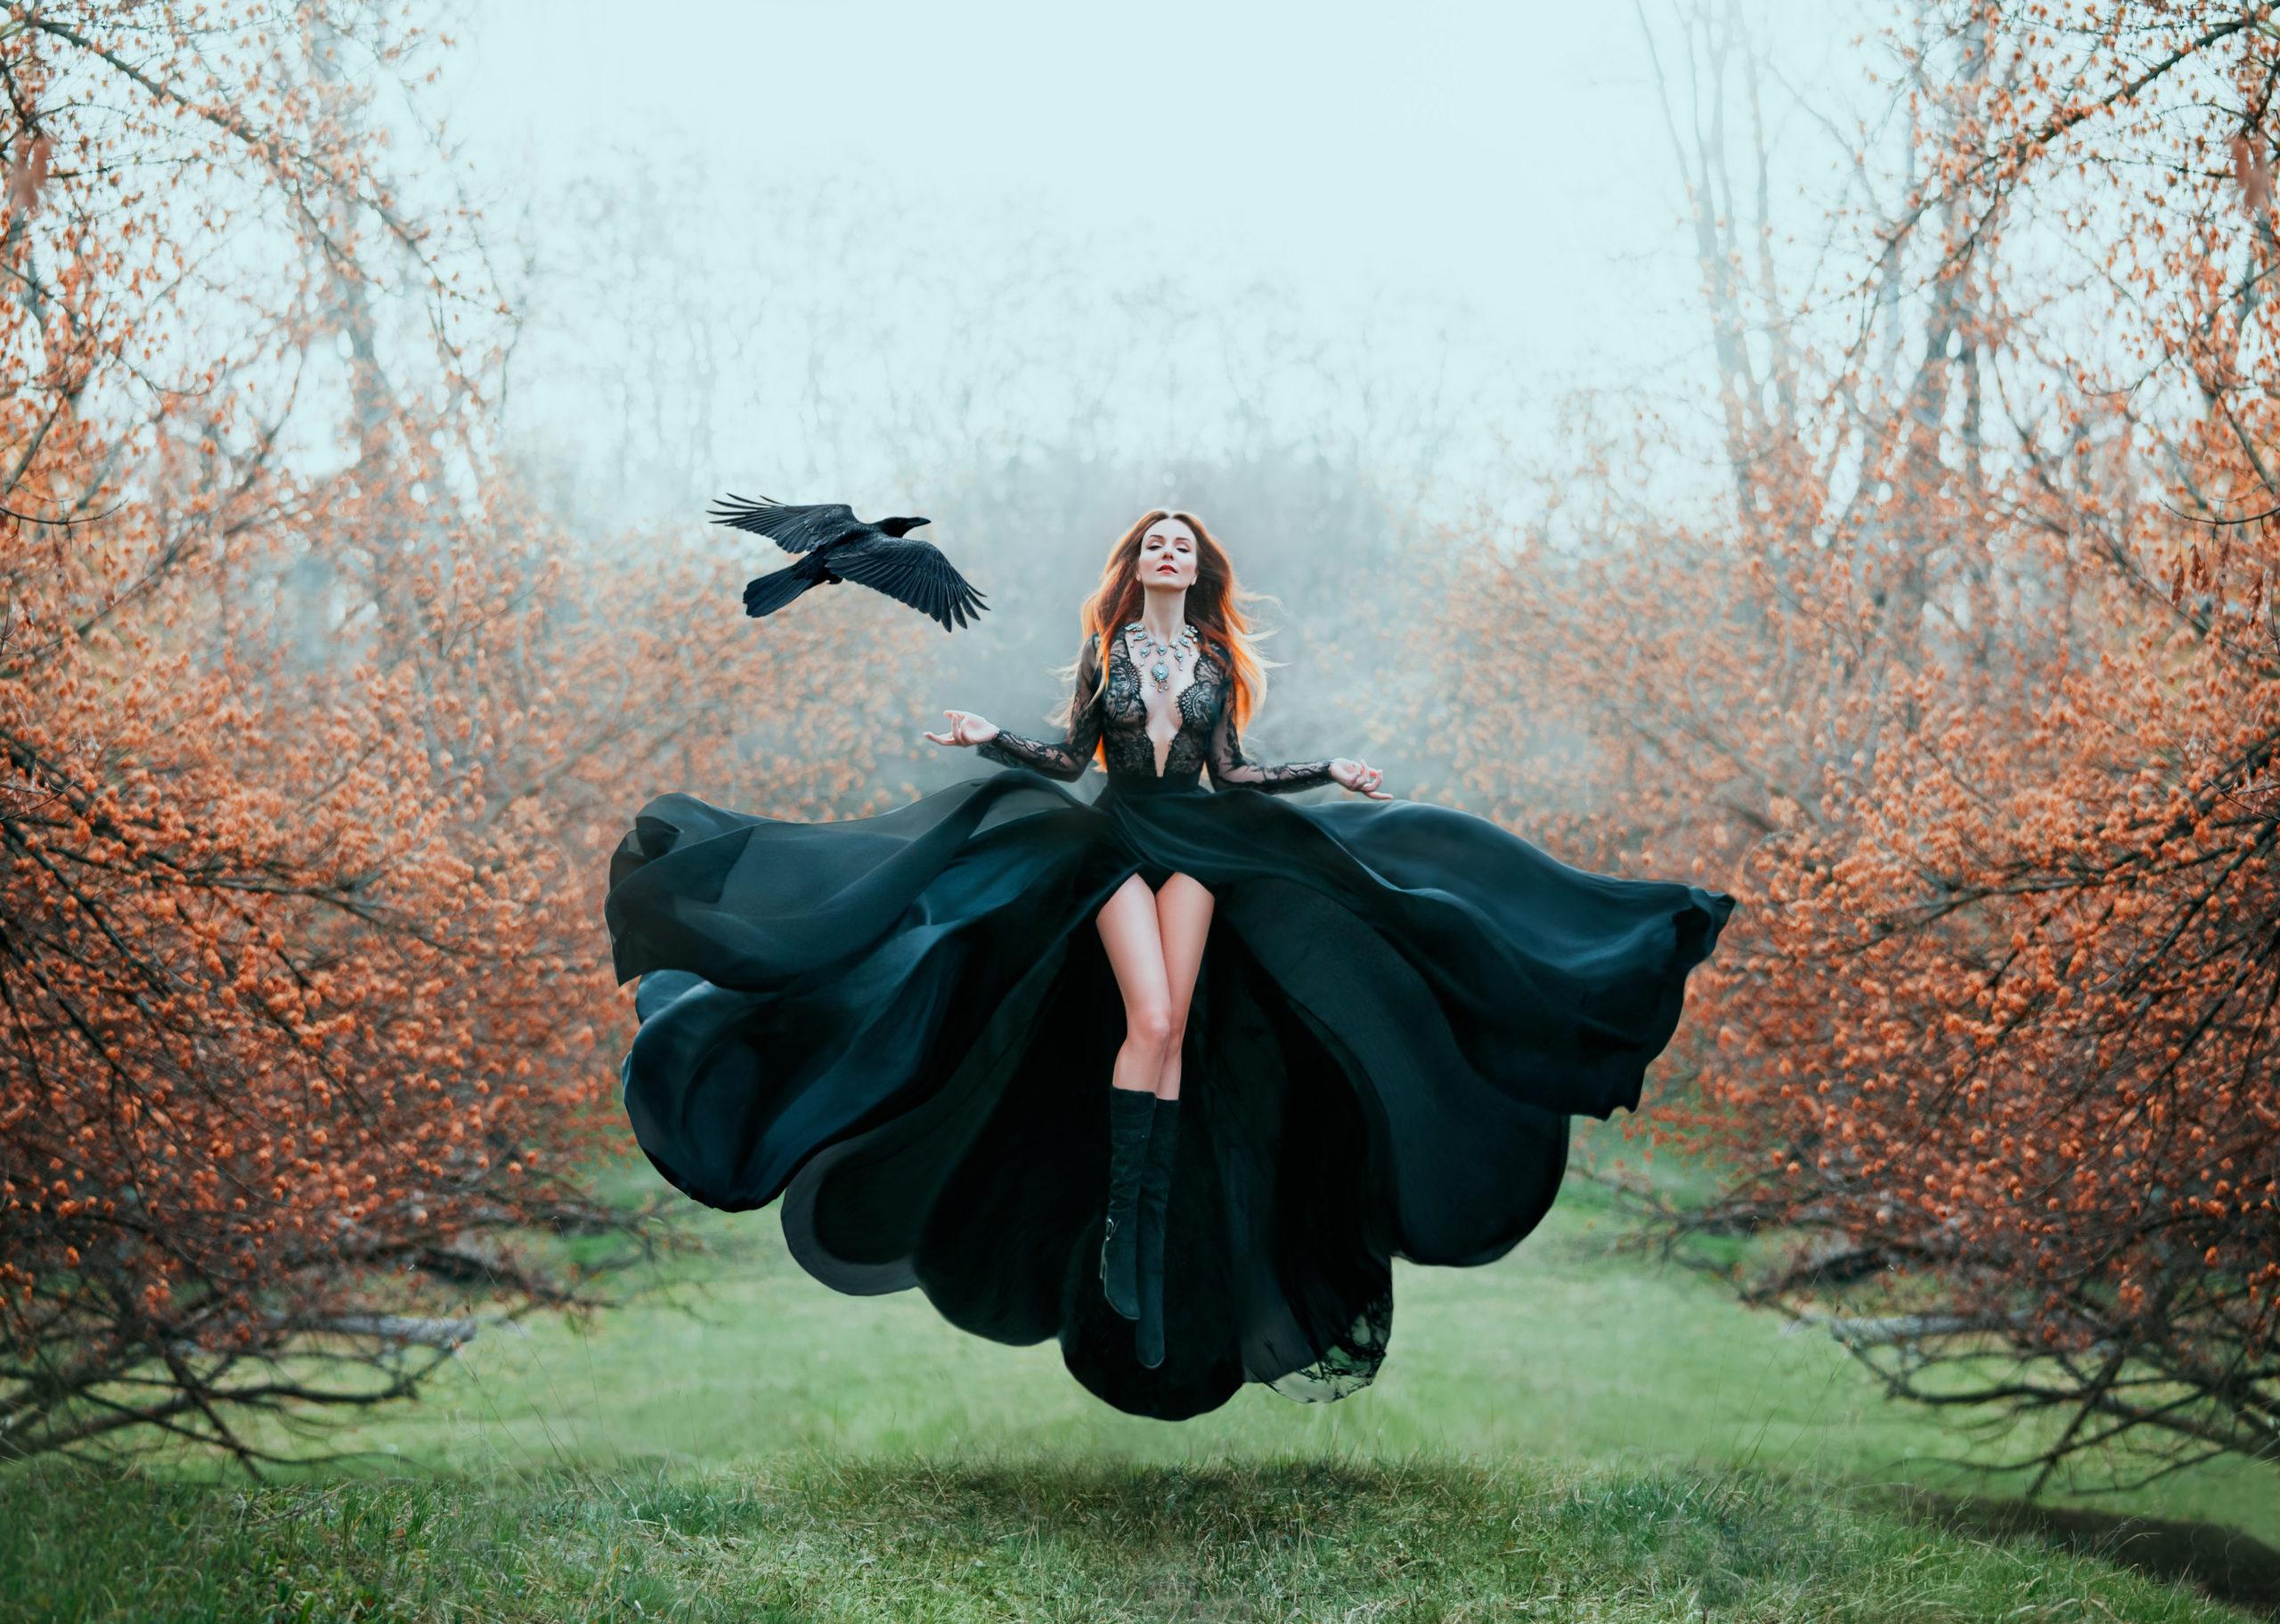 不倫の恋は黒魔術で成就する?黒魔術で不倫の悩みを消滅させる方法